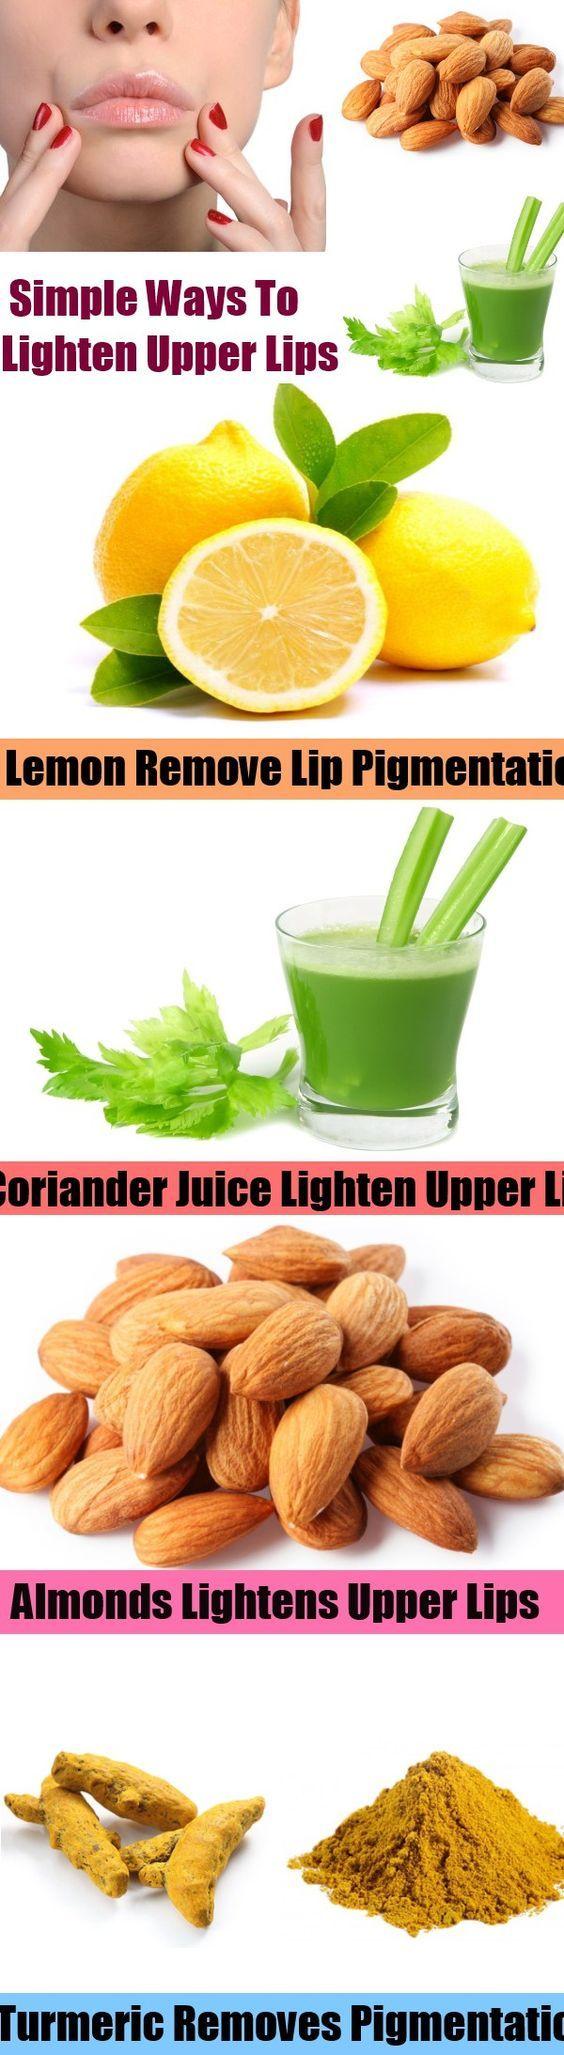 Simple Ways To Lighten Upper Lips